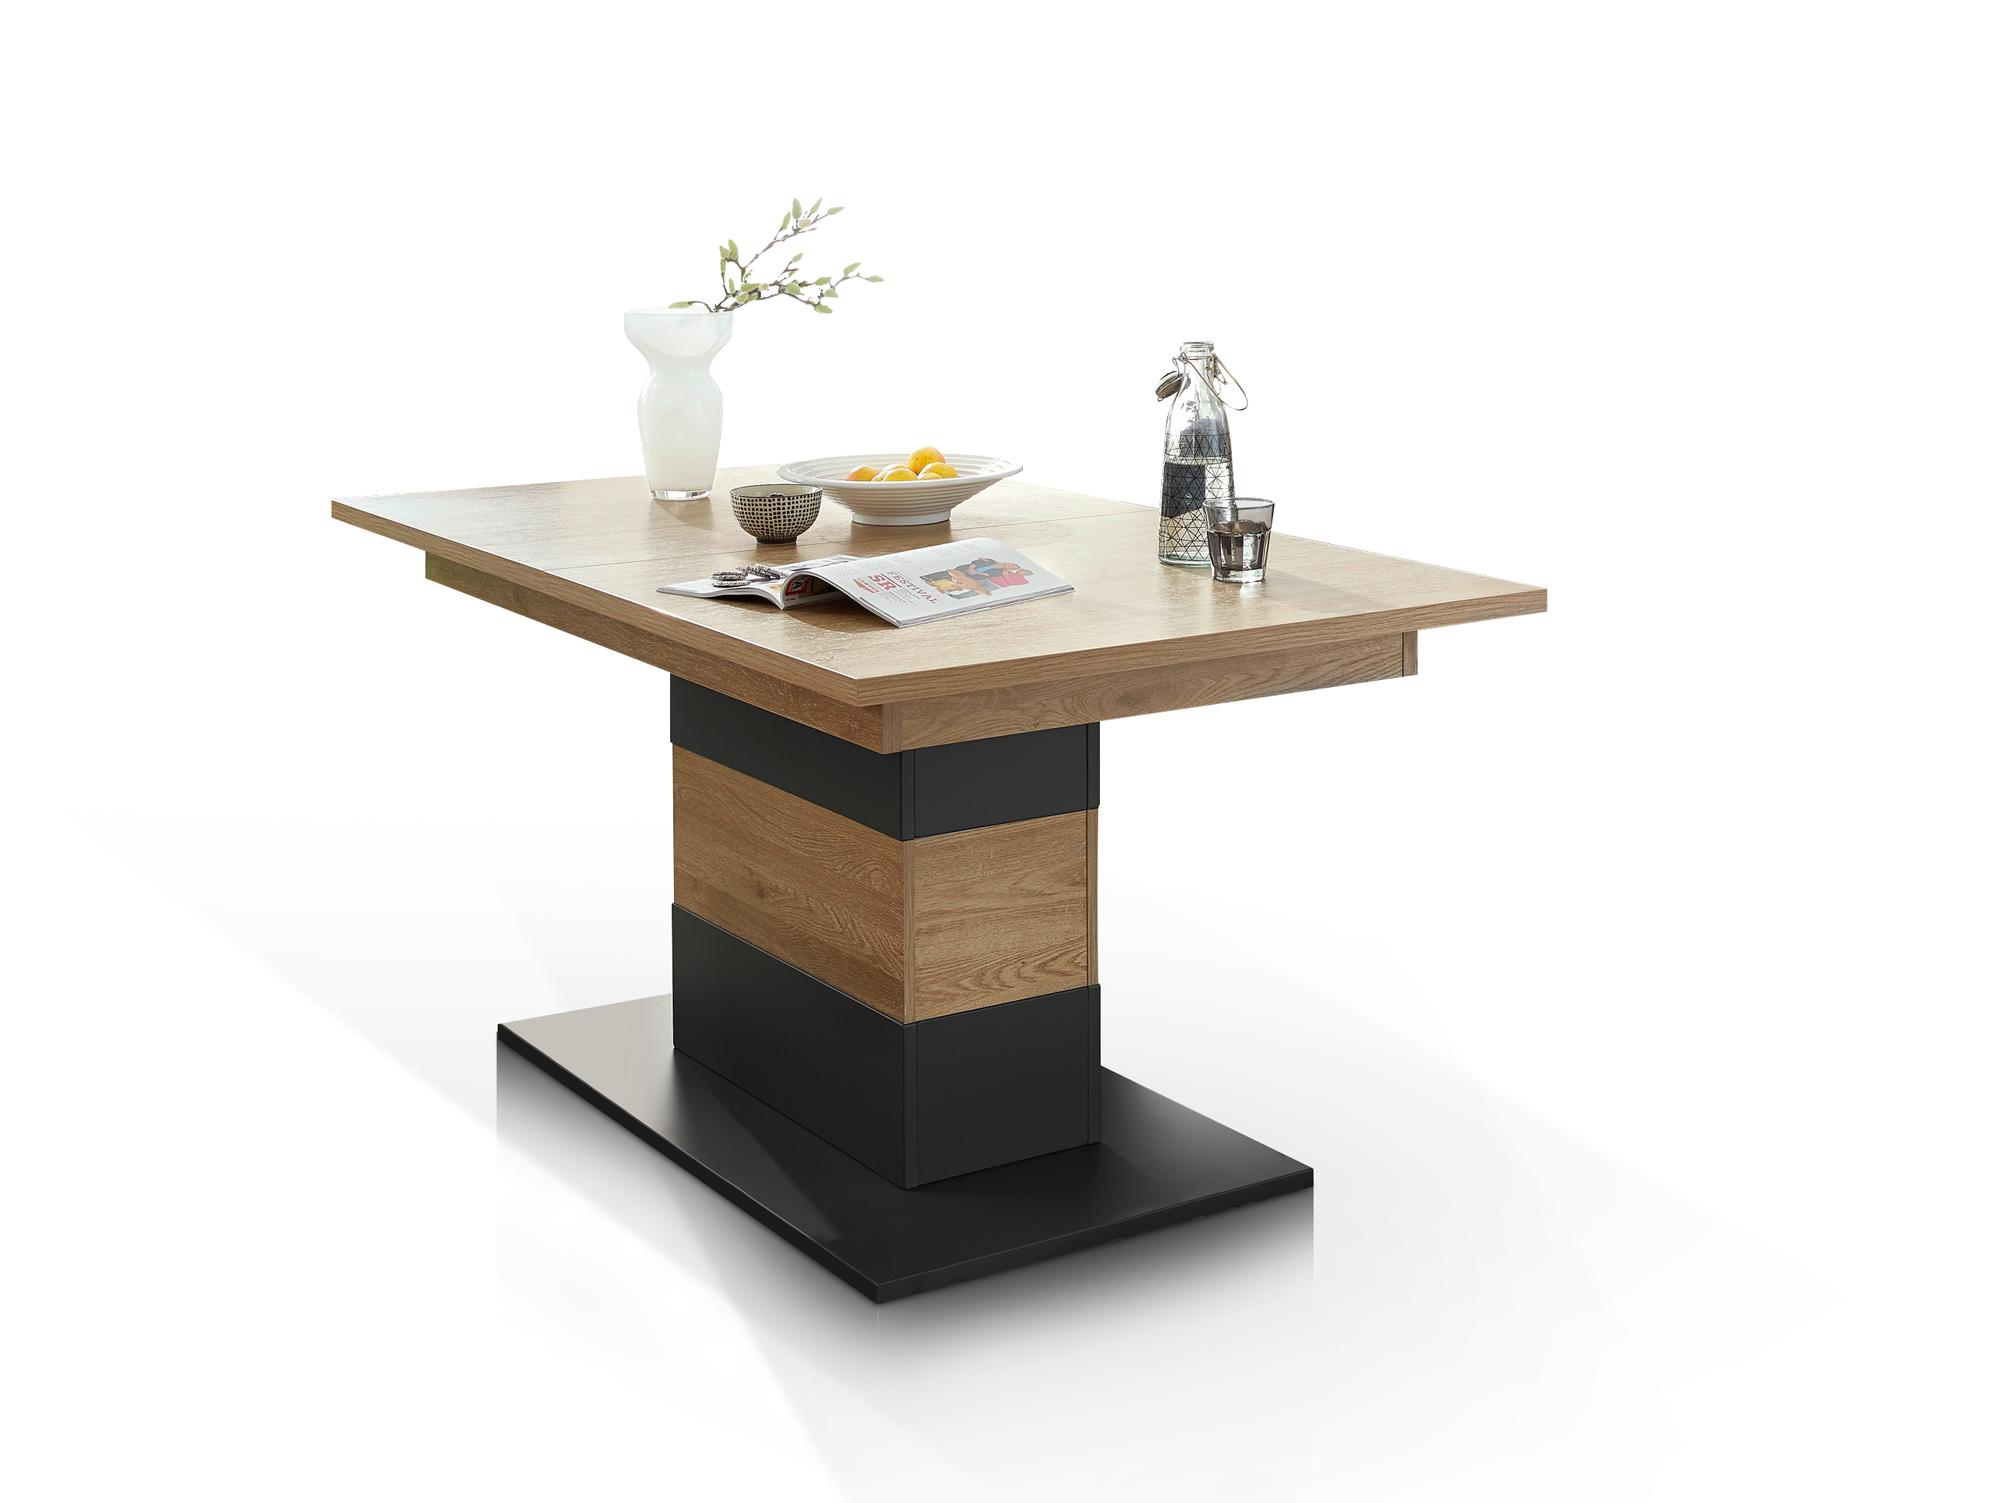 bianca esstisch wildeiche 160 210x90 cm. Black Bedroom Furniture Sets. Home Design Ideas